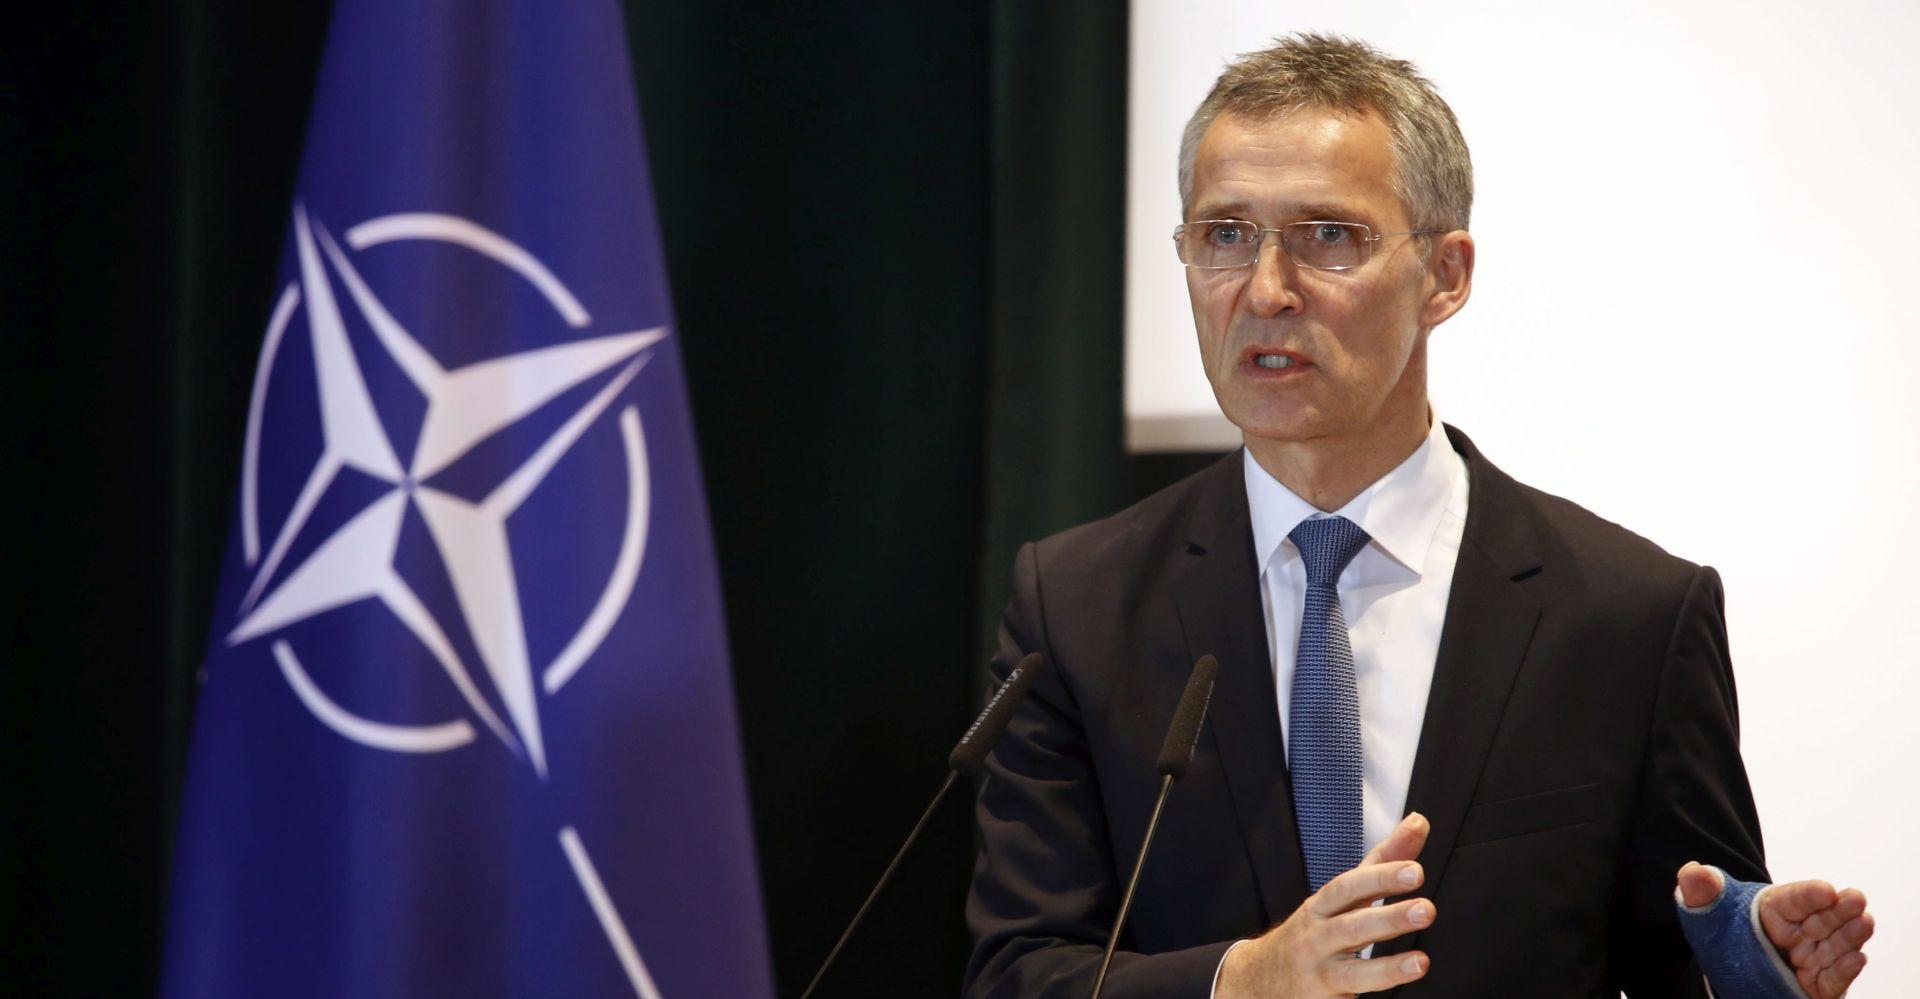 JENS STOLTENBERG: NATO šalje pomoć Turskoj